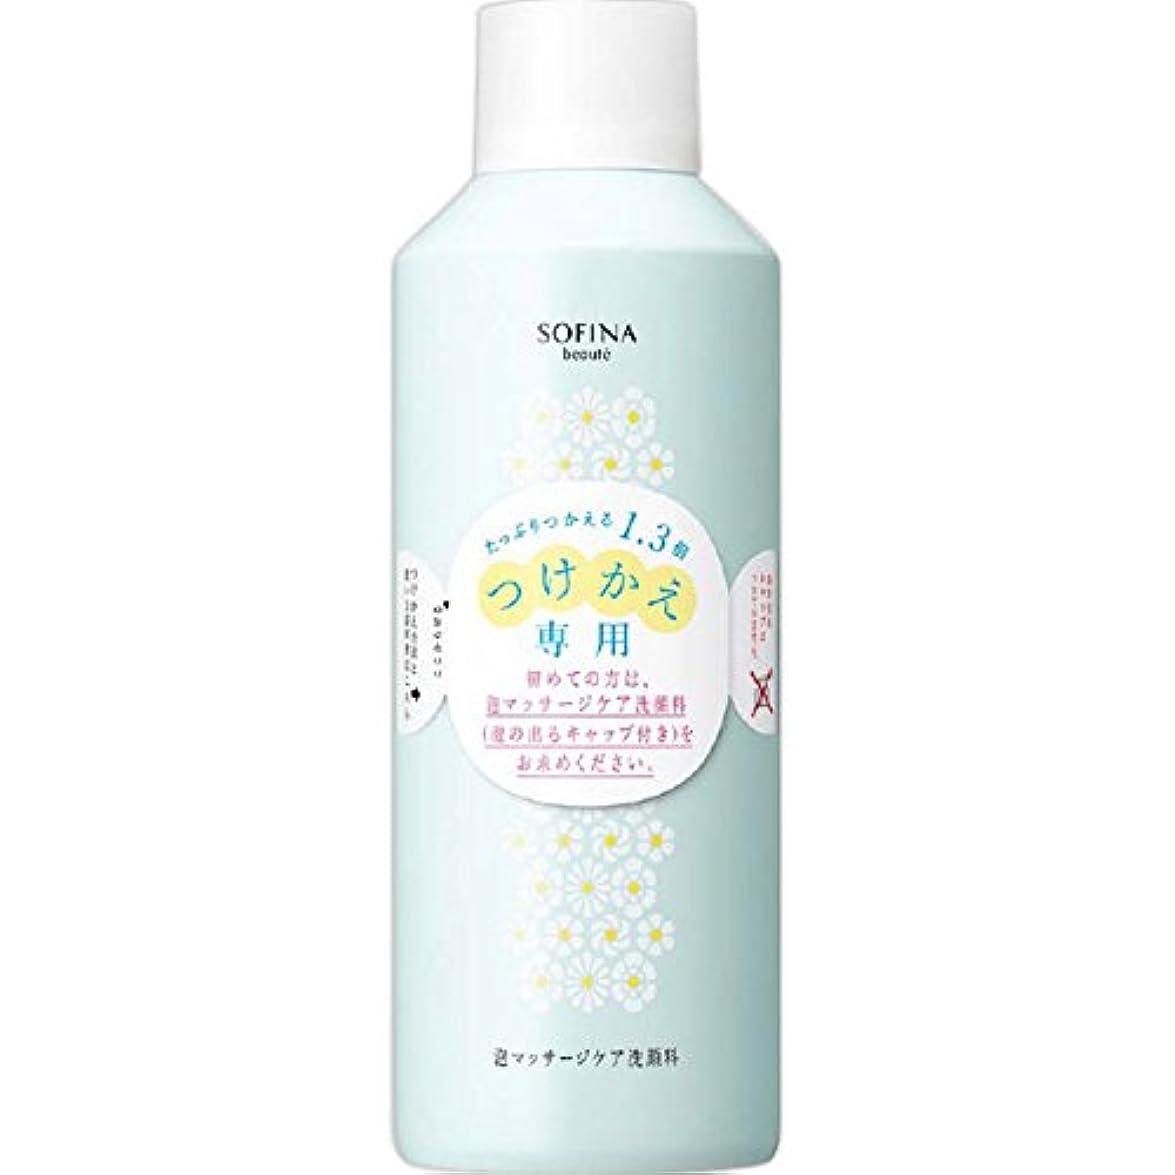 最少工業化する最少花王ソフィーナ ボーテ 泡マッサージケア洗顔料 つけかえ専用230g